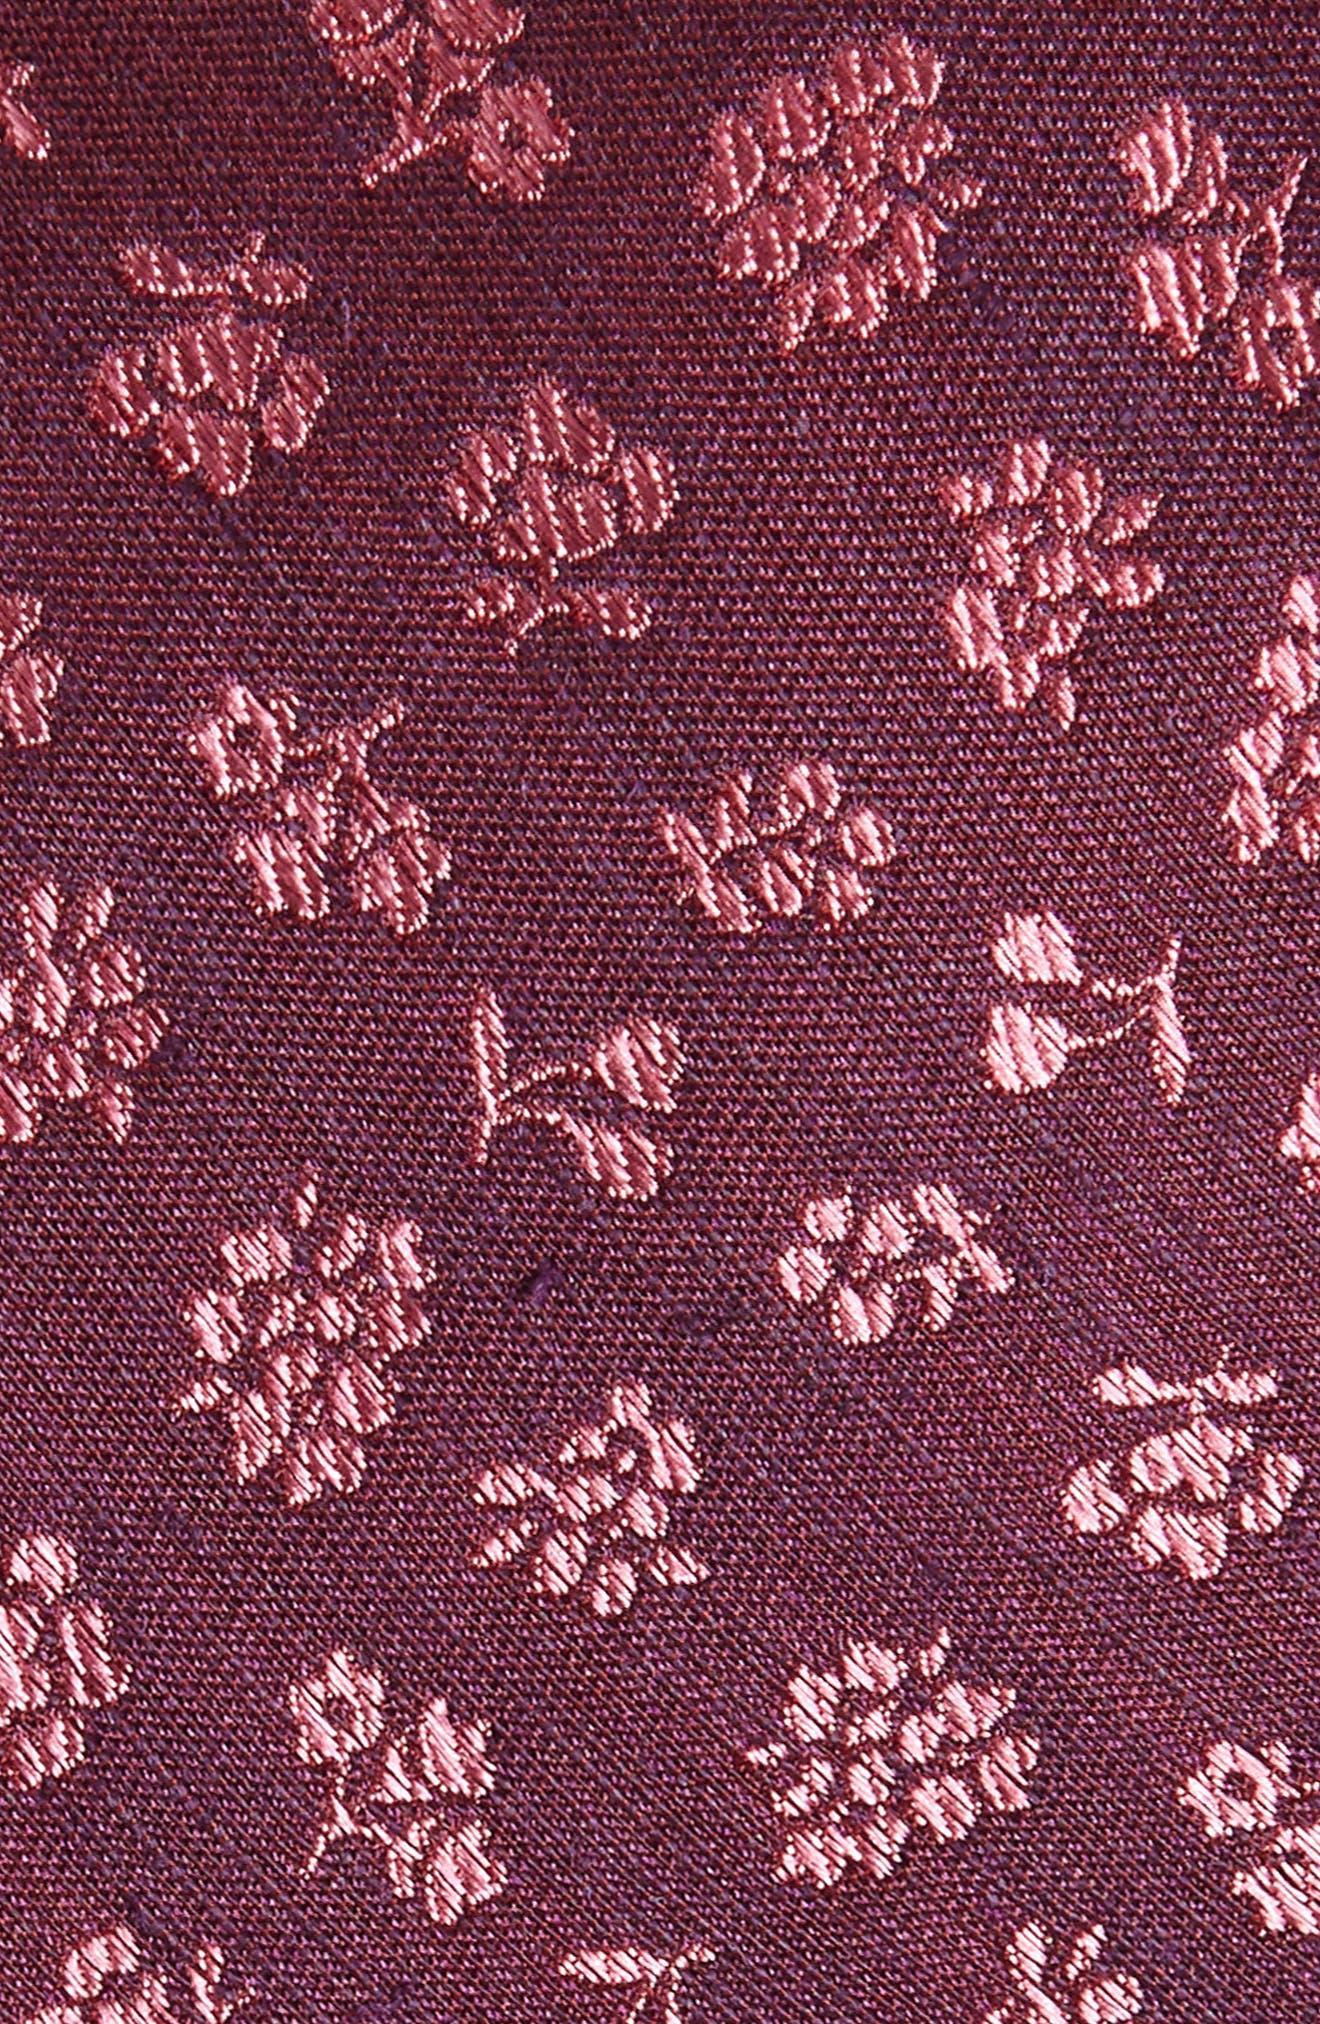 Fruta Floral Silk & Linen Tie,                             Alternate thumbnail 2, color,                             Wine